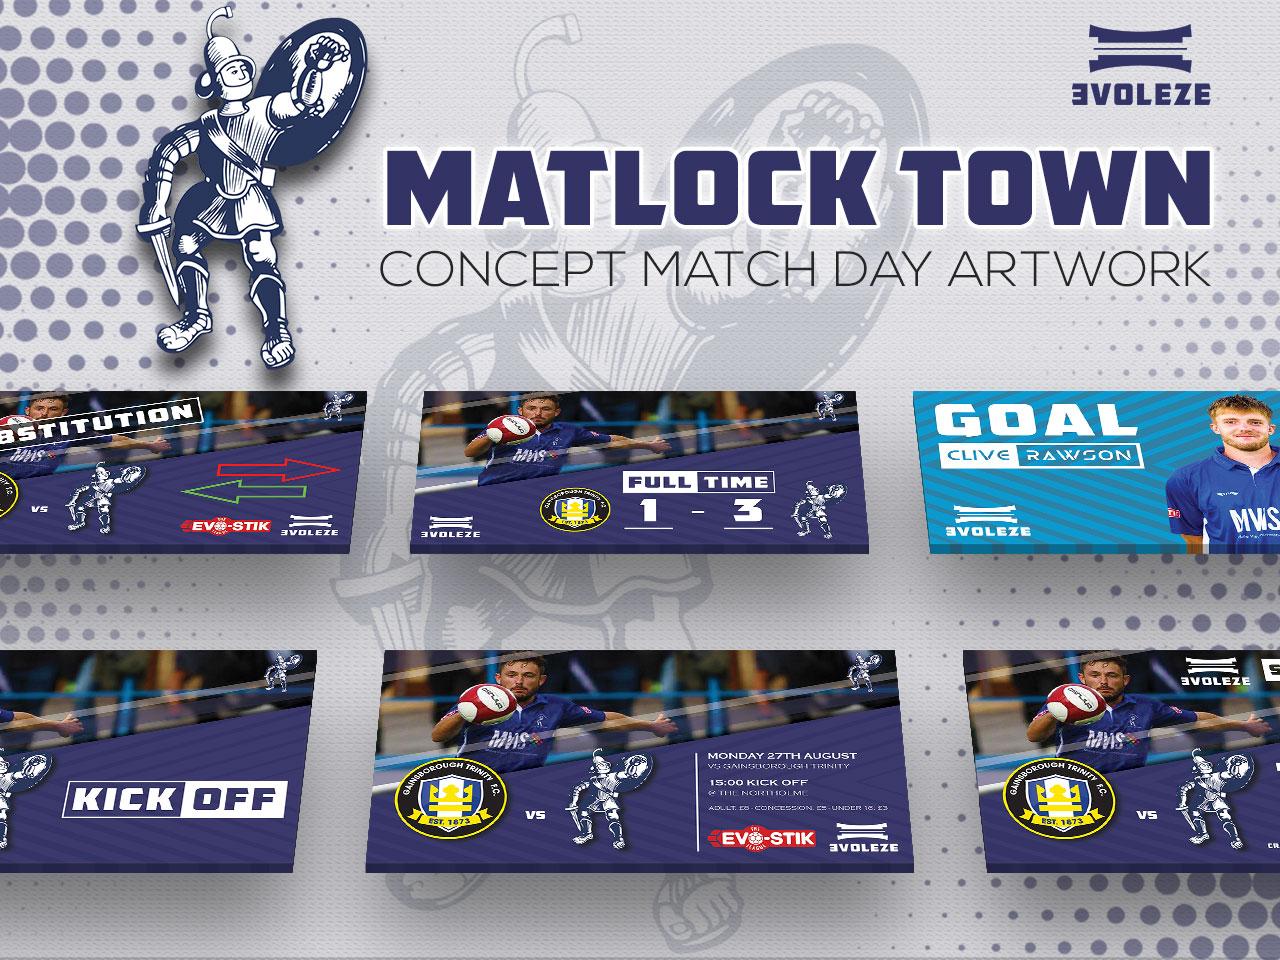 Matlock Town FC match day artwork set